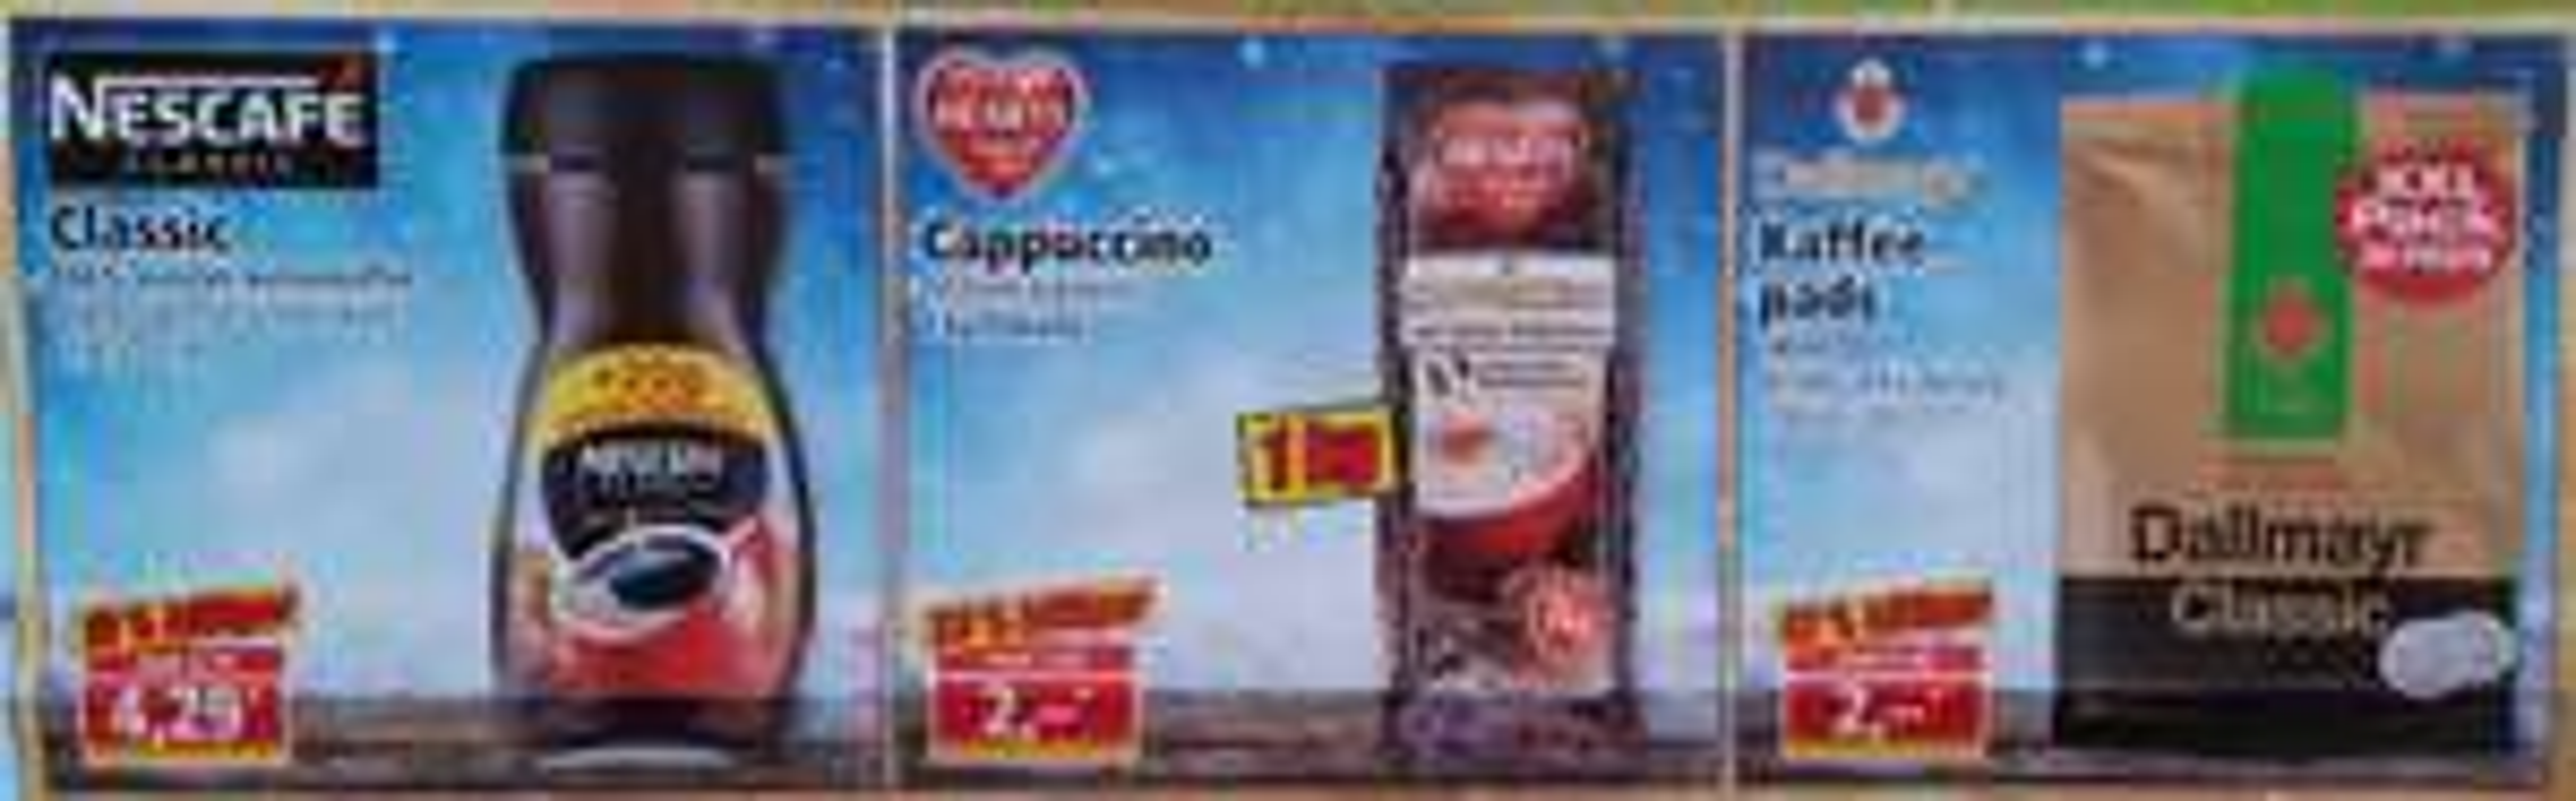 [Norma Neueröffnung] Dallmayr Pads 2€; Hearts Cappuccino 1kg für 2€; Nescafe Classic löslich 4,29€